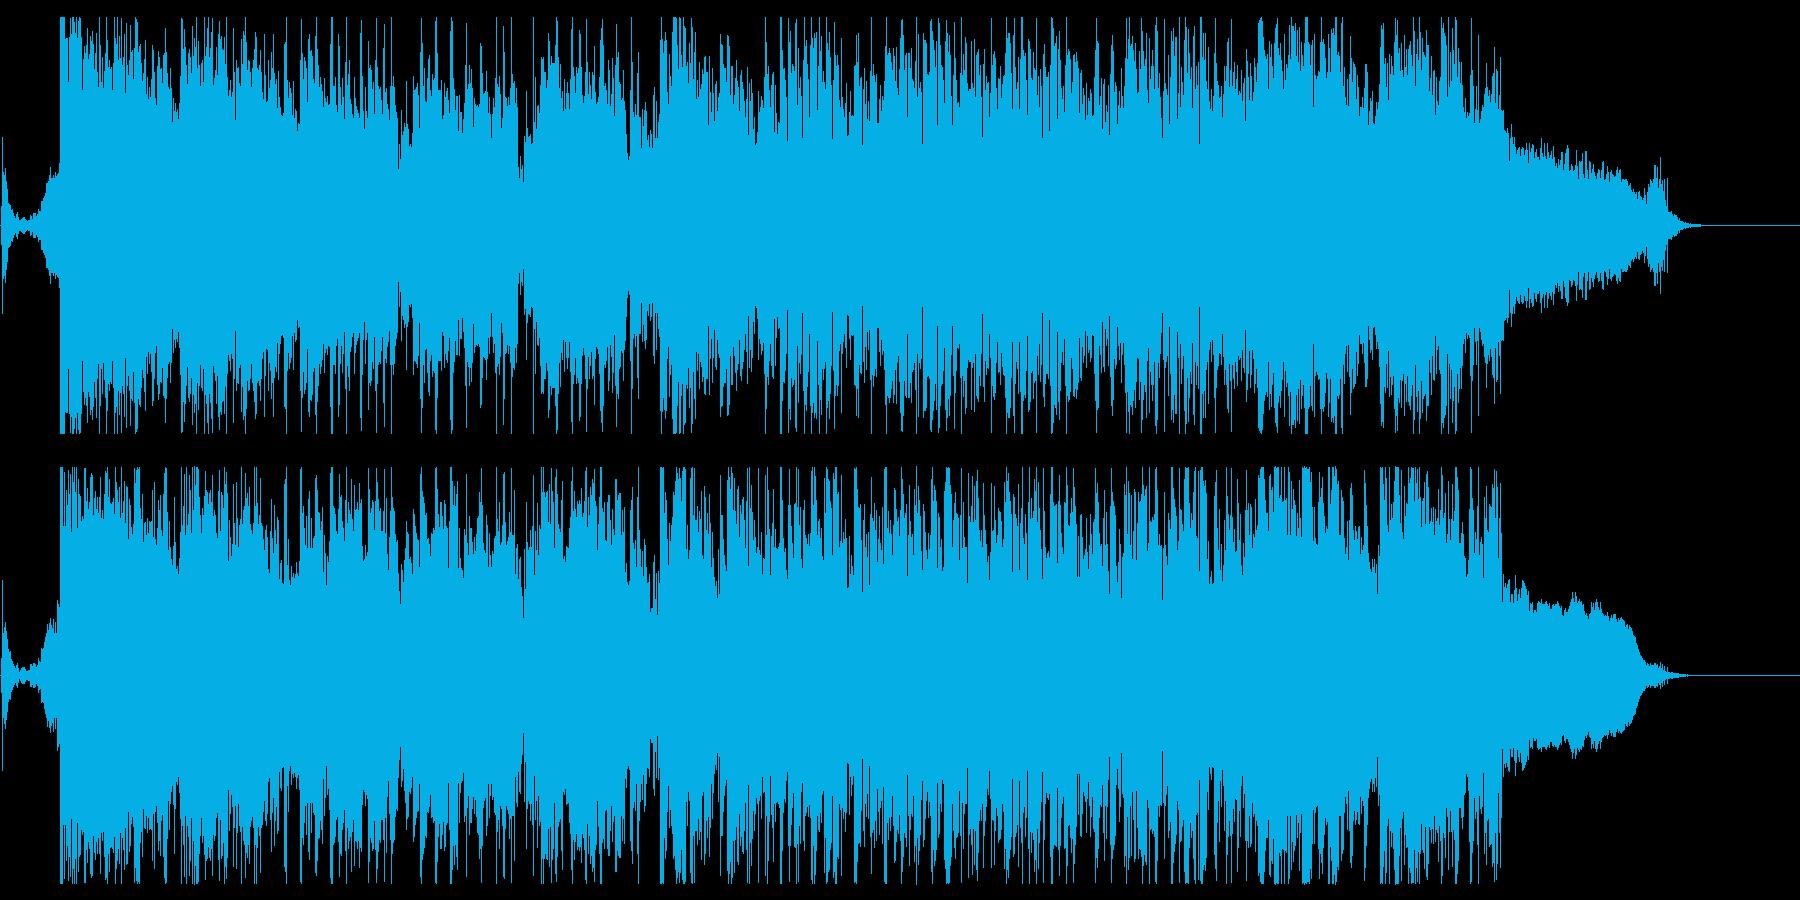 オープニング感のある和風なロックの再生済みの波形